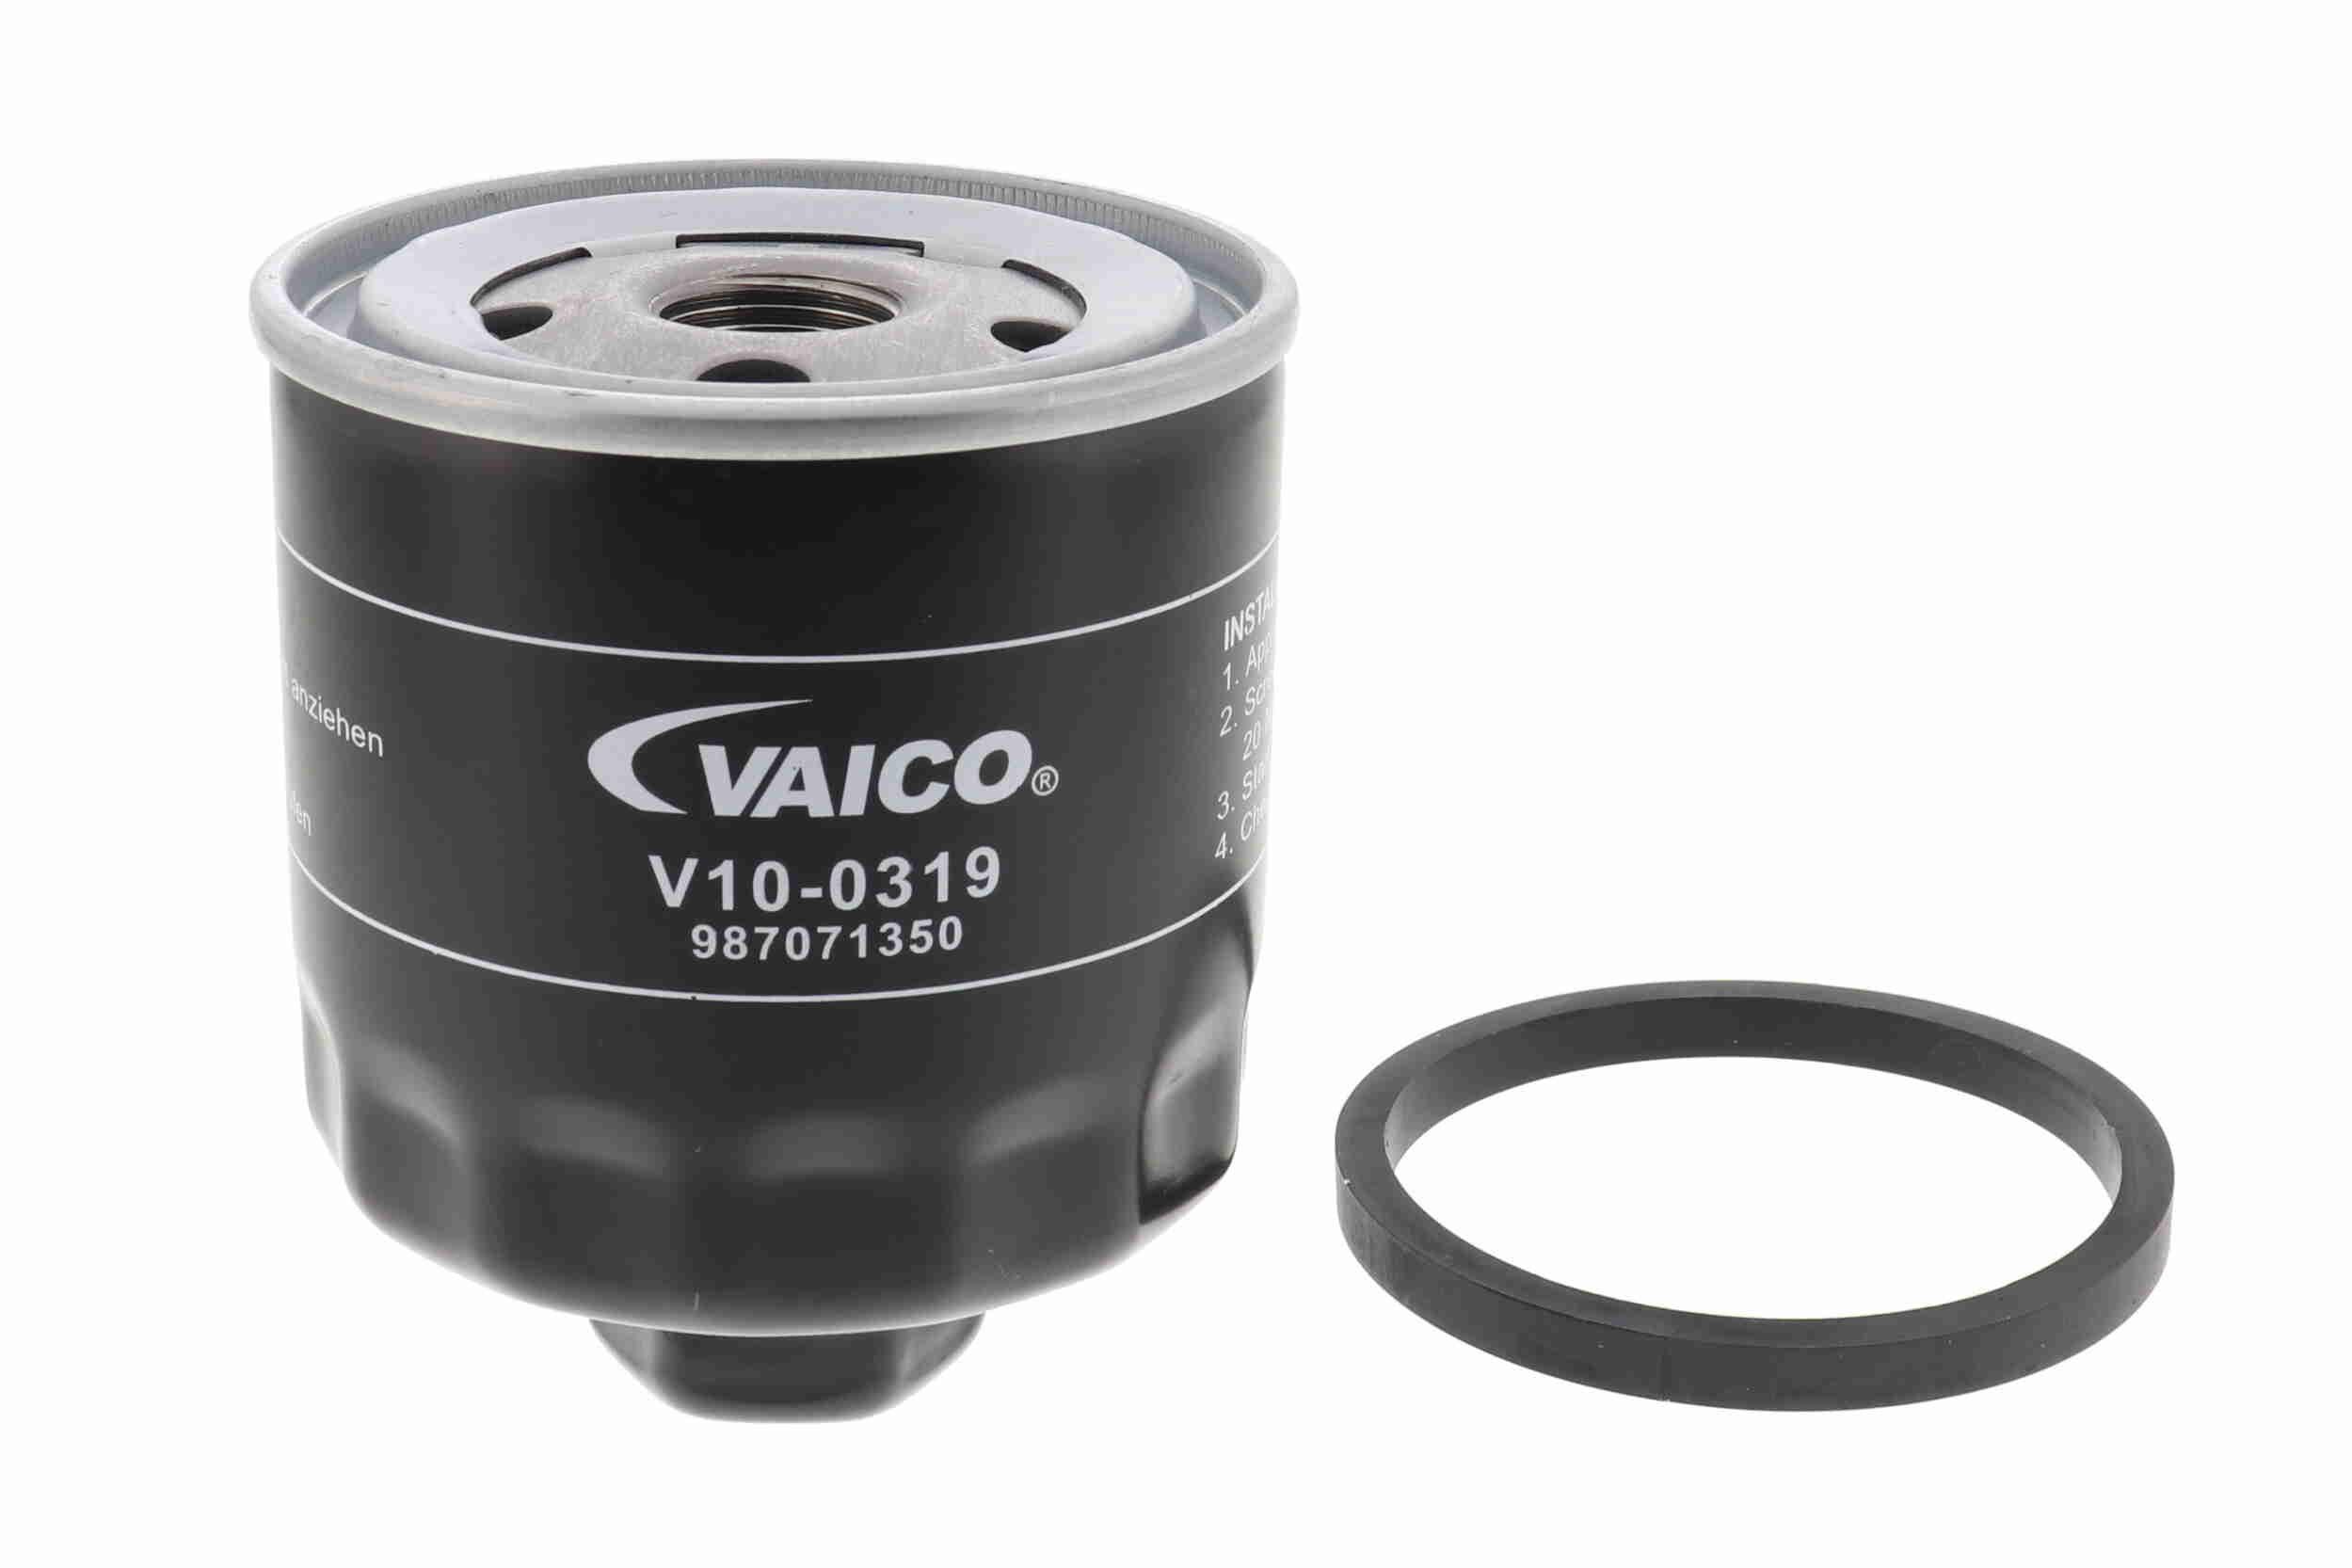 V10-0319 VAICO mit 18% Rabatt!